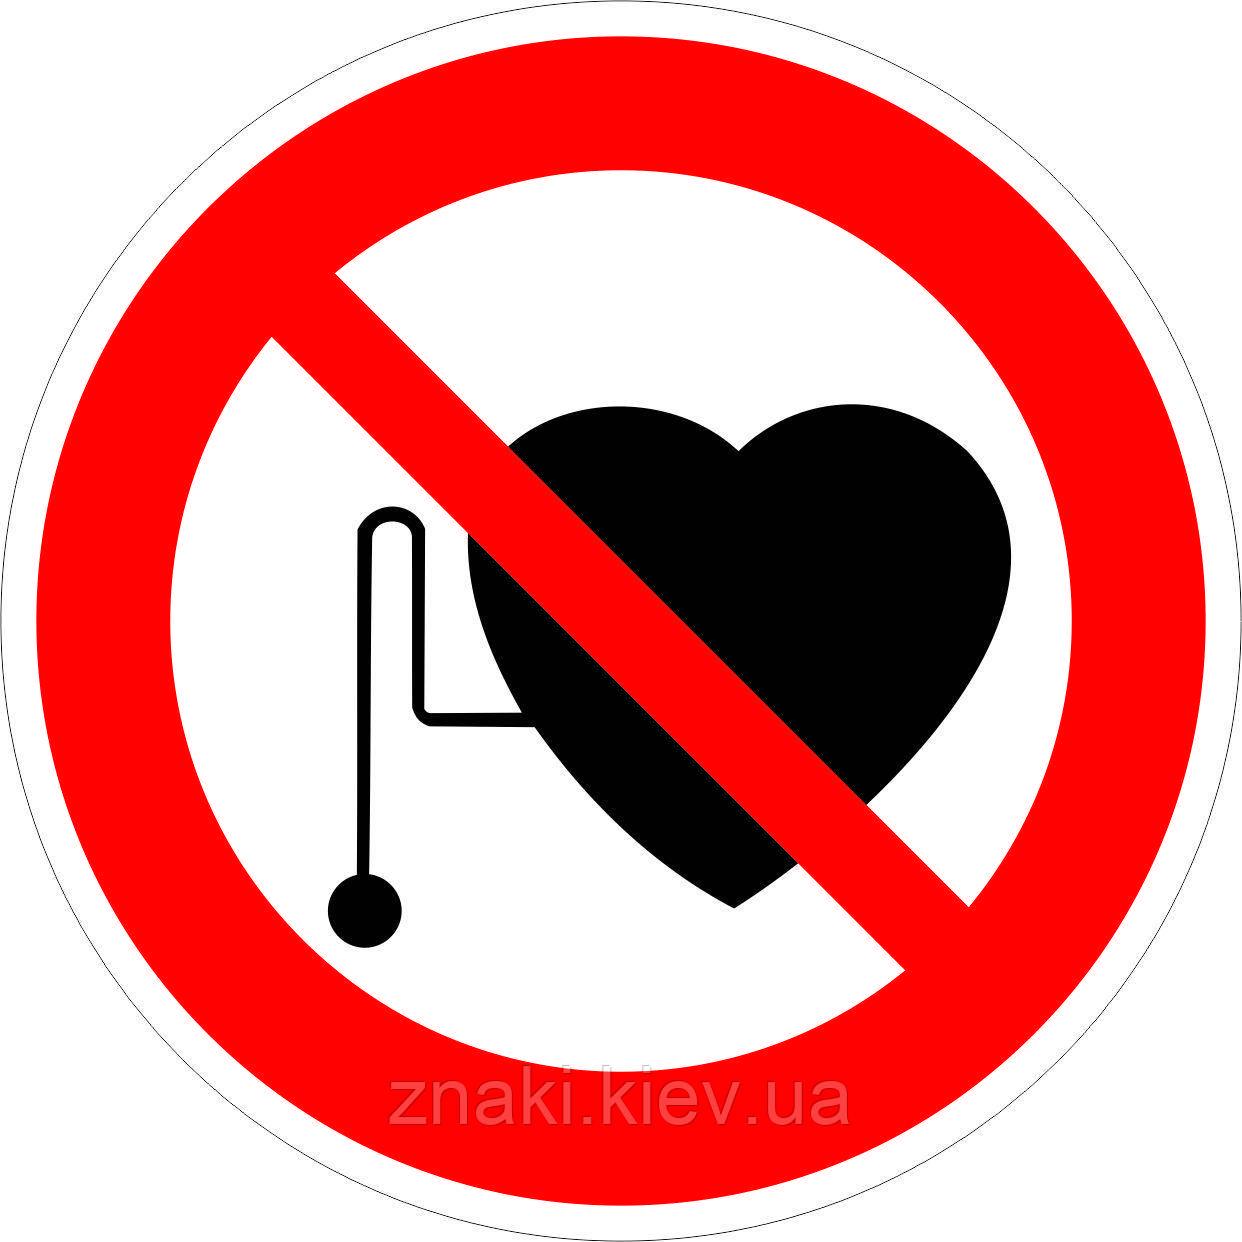 Работа (присутствие) людей со стимуляторами сердечной деятельности запрещено